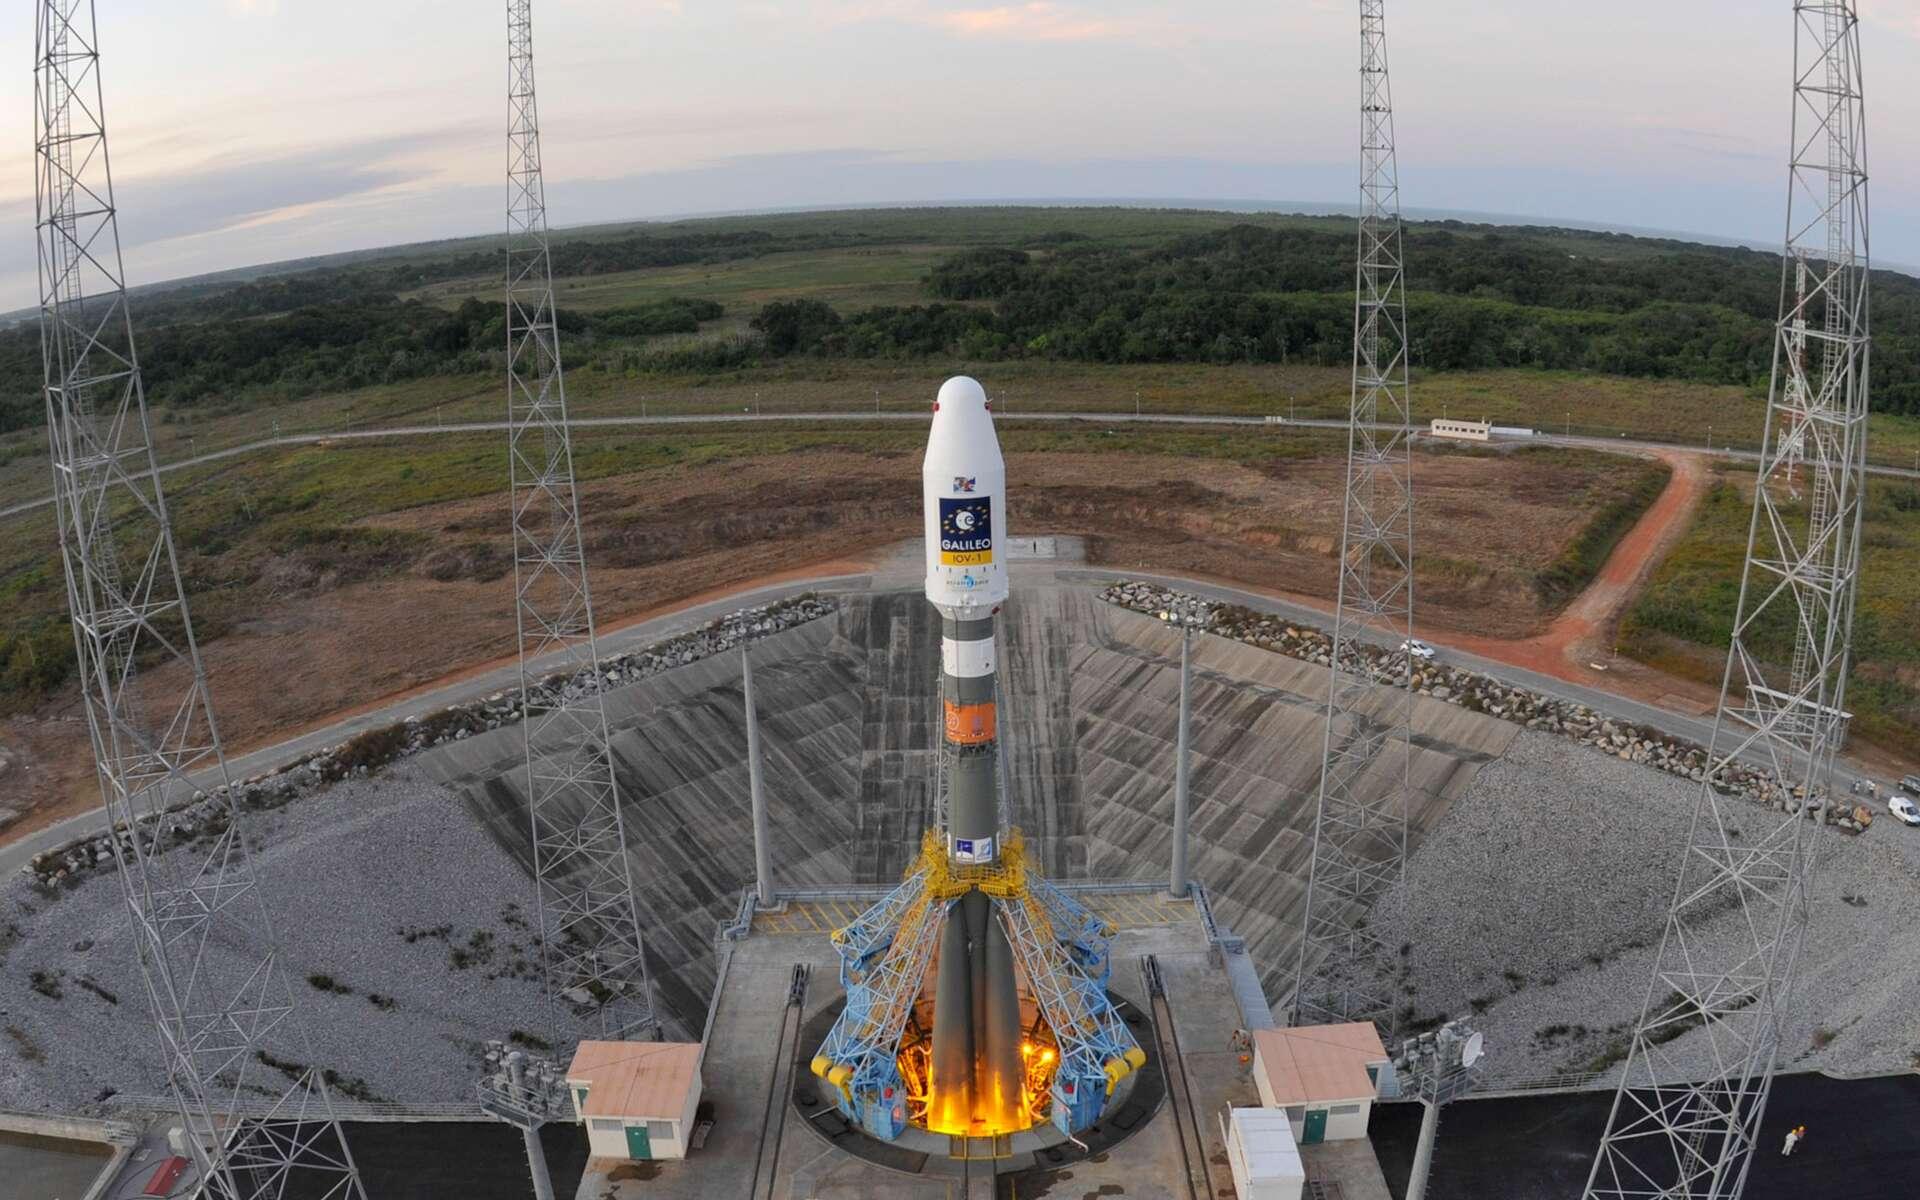 Le lanceur Soyouz ST sur son pas de tir en préparation du lancement VS 01. © Esa/S. Corvaja